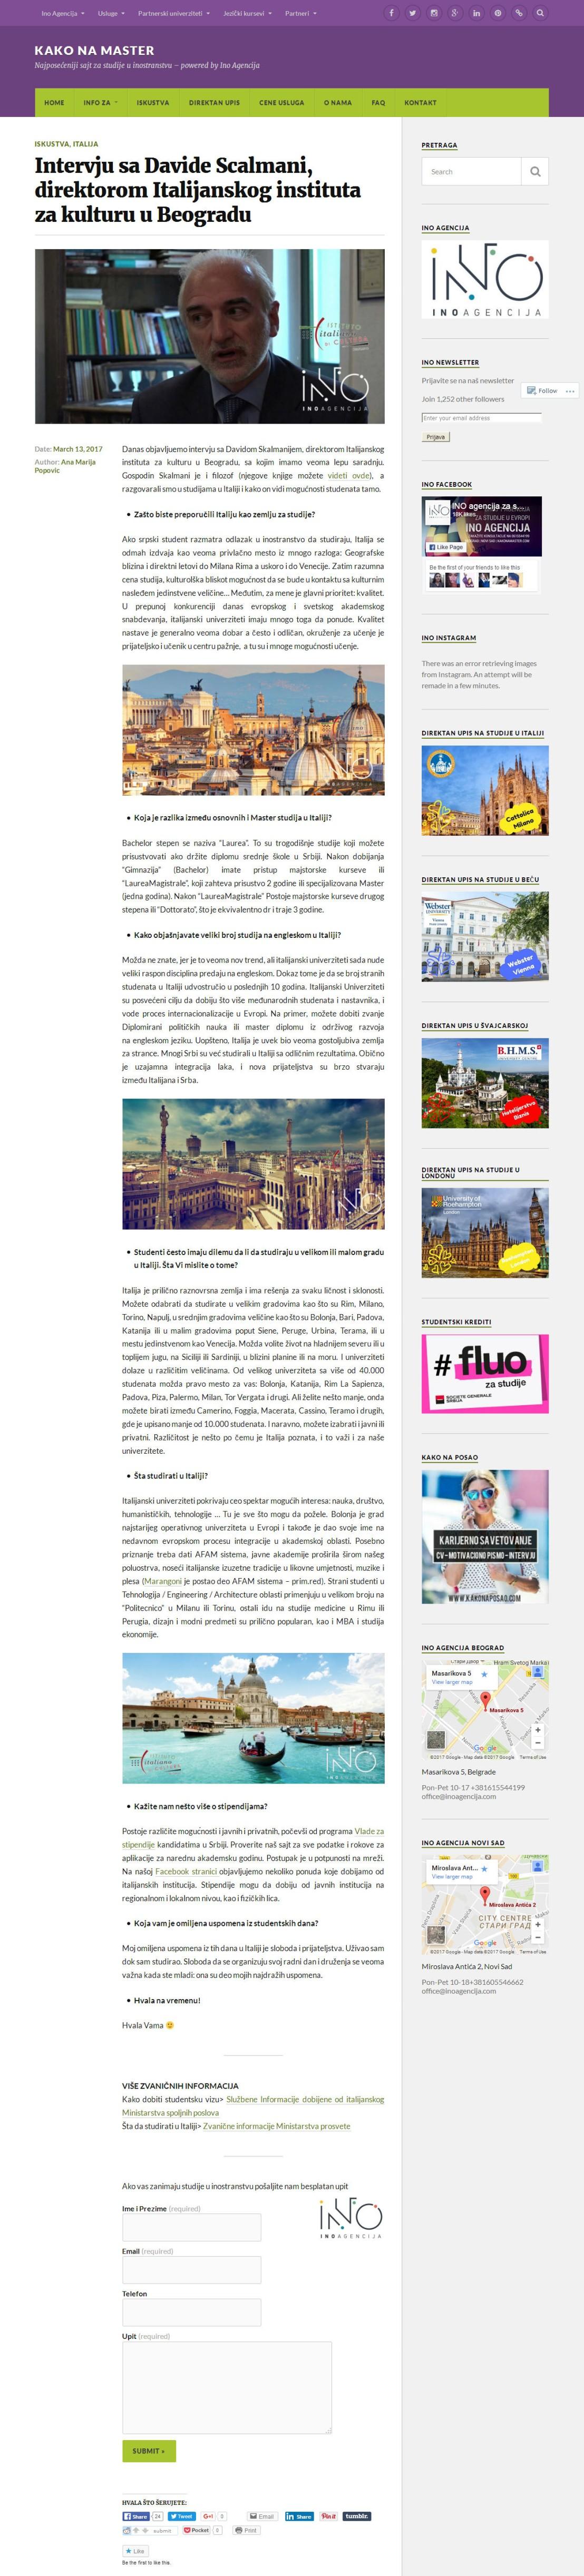 1303 - kakonamaster.com - Intervju sa Davide Scalmani, direktorom Italijanskog instituta za kulturu u Beogradu.jpg